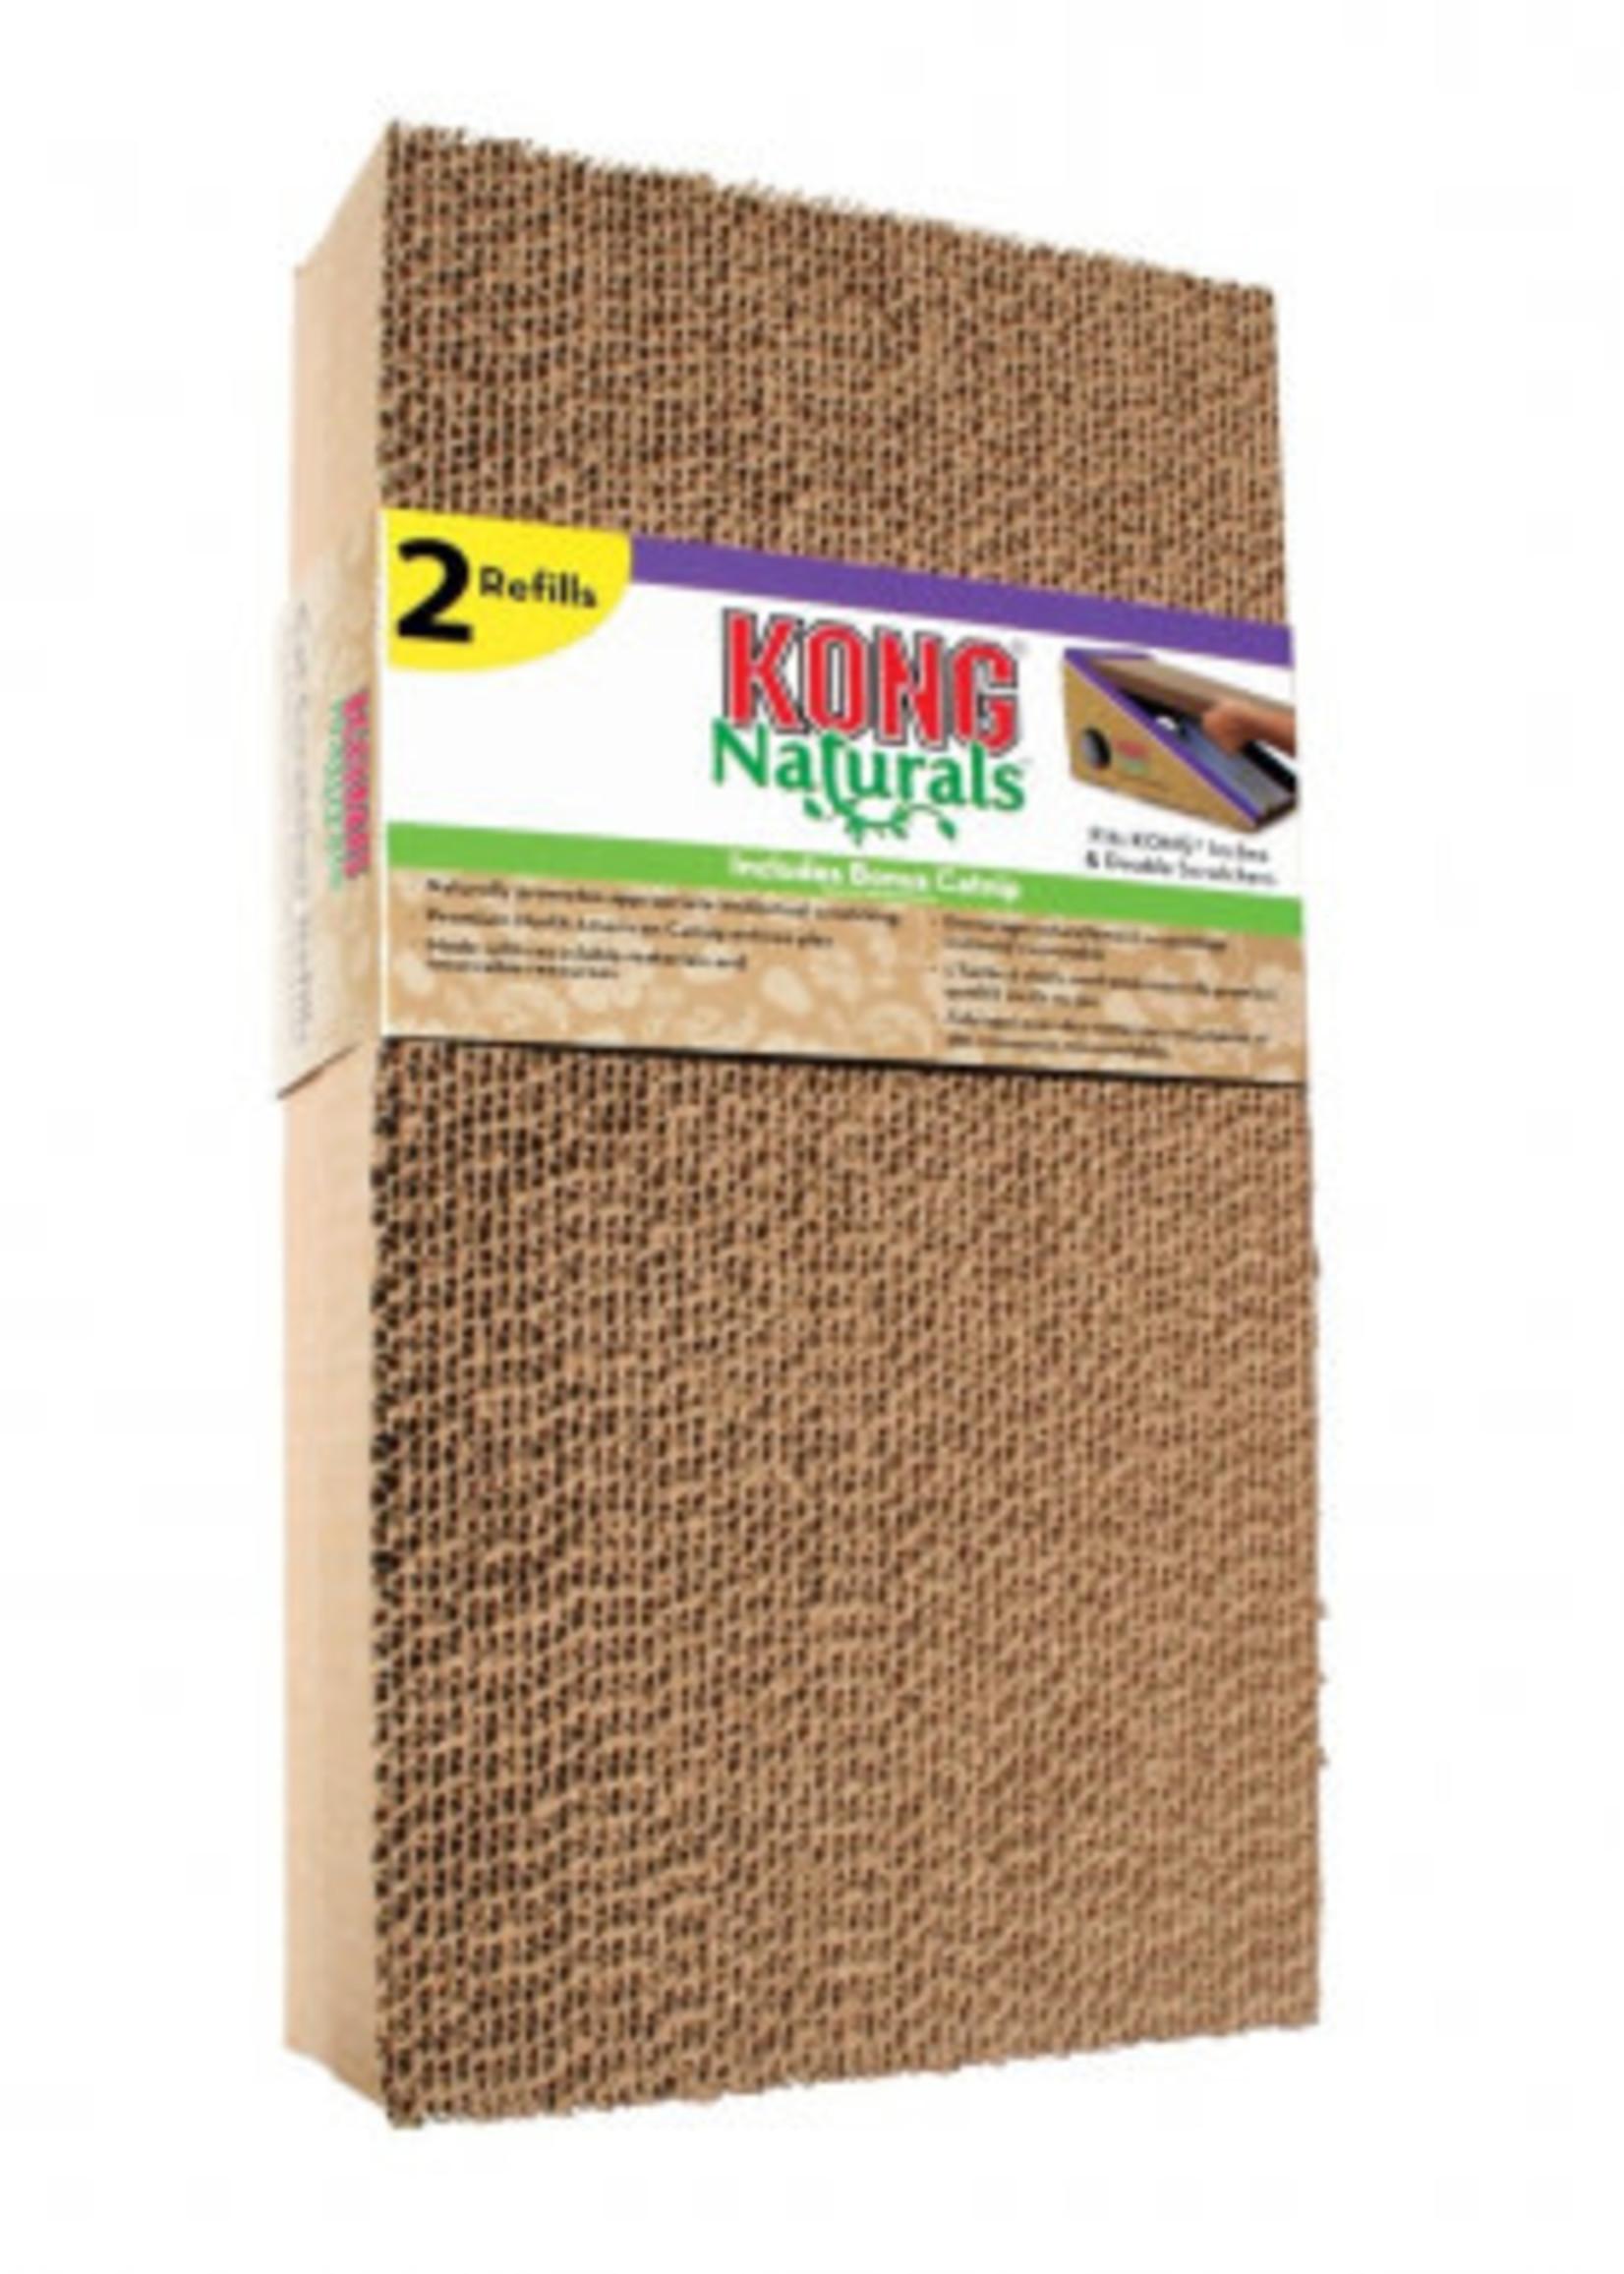 Kong® Kong Naturals Scratcher Refill 2pk